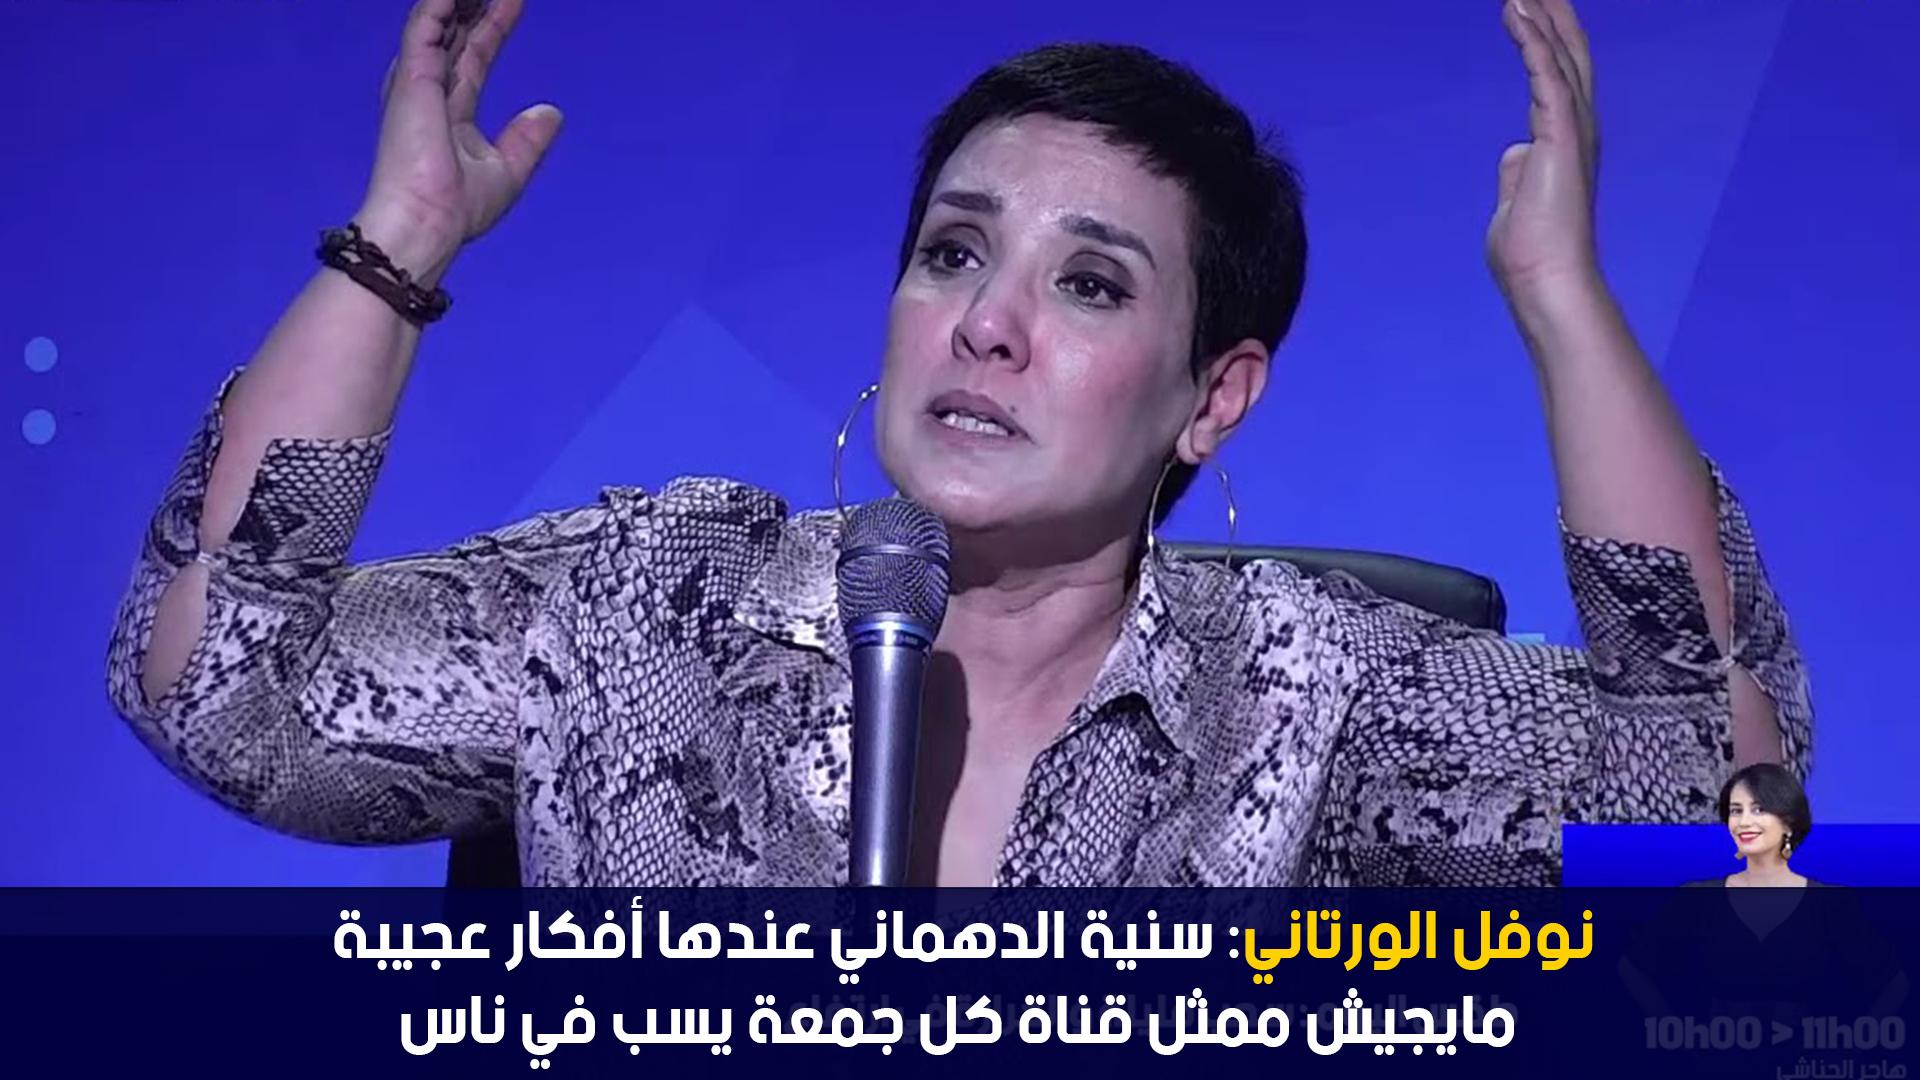 نوفل الورتاني: سنية الدهماني عندها أفكار عجيبة مايجيش ممثل قناة كل جمعة يسب في ناس